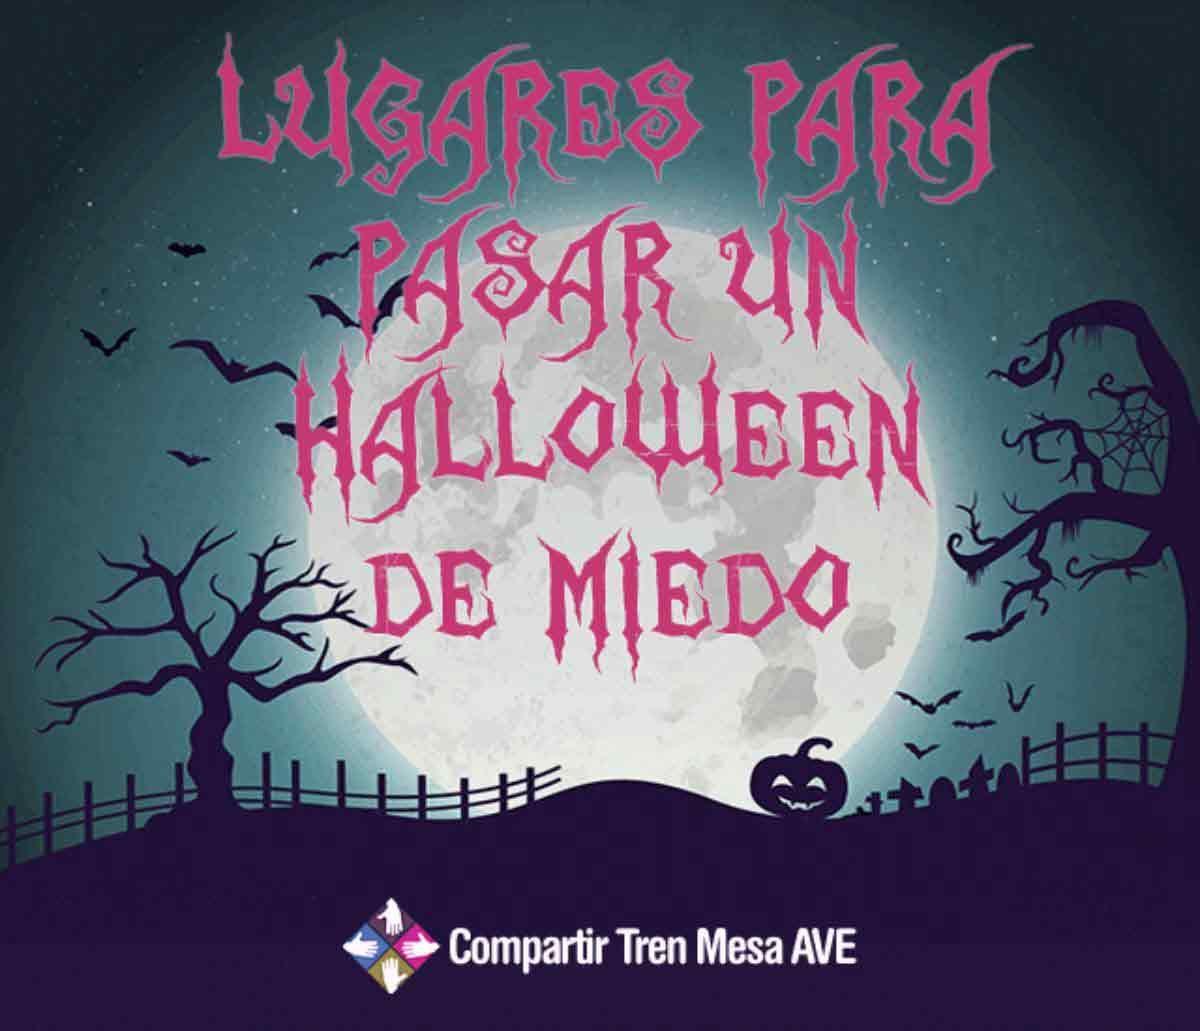 13 lugares para pasar Halloween con mucho miedo